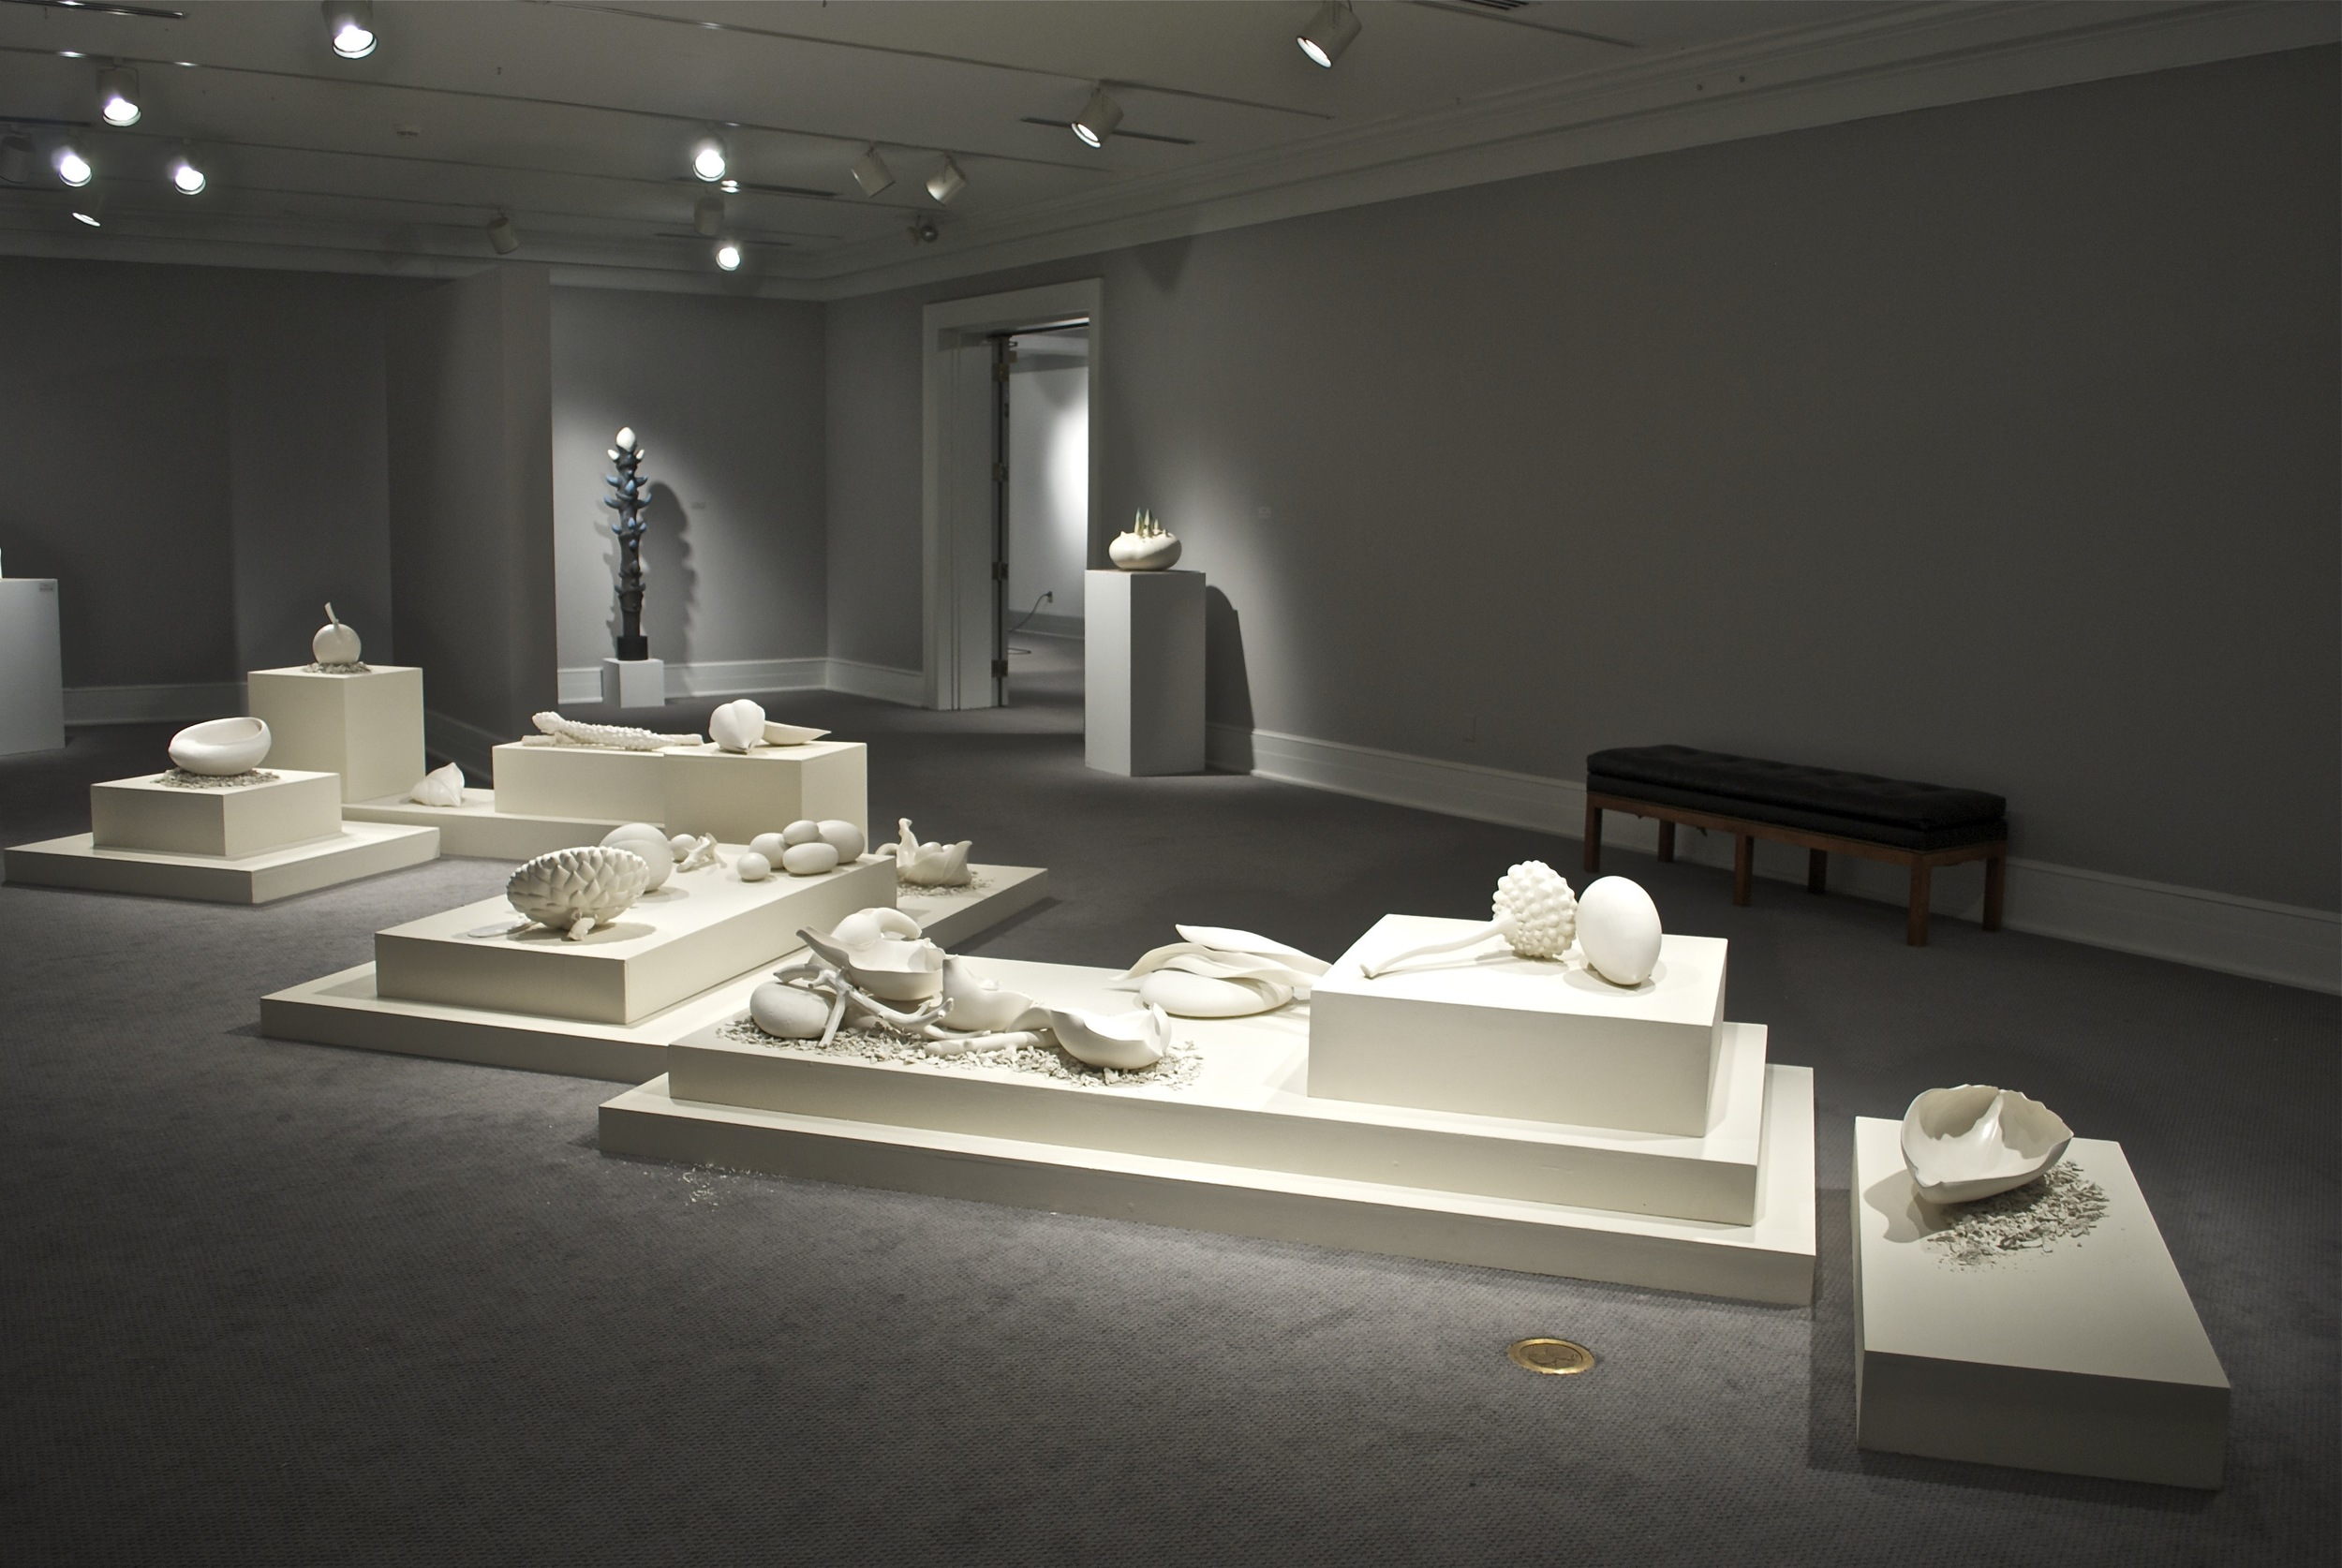 Sumter County Museum of Art, Sumter, SCS